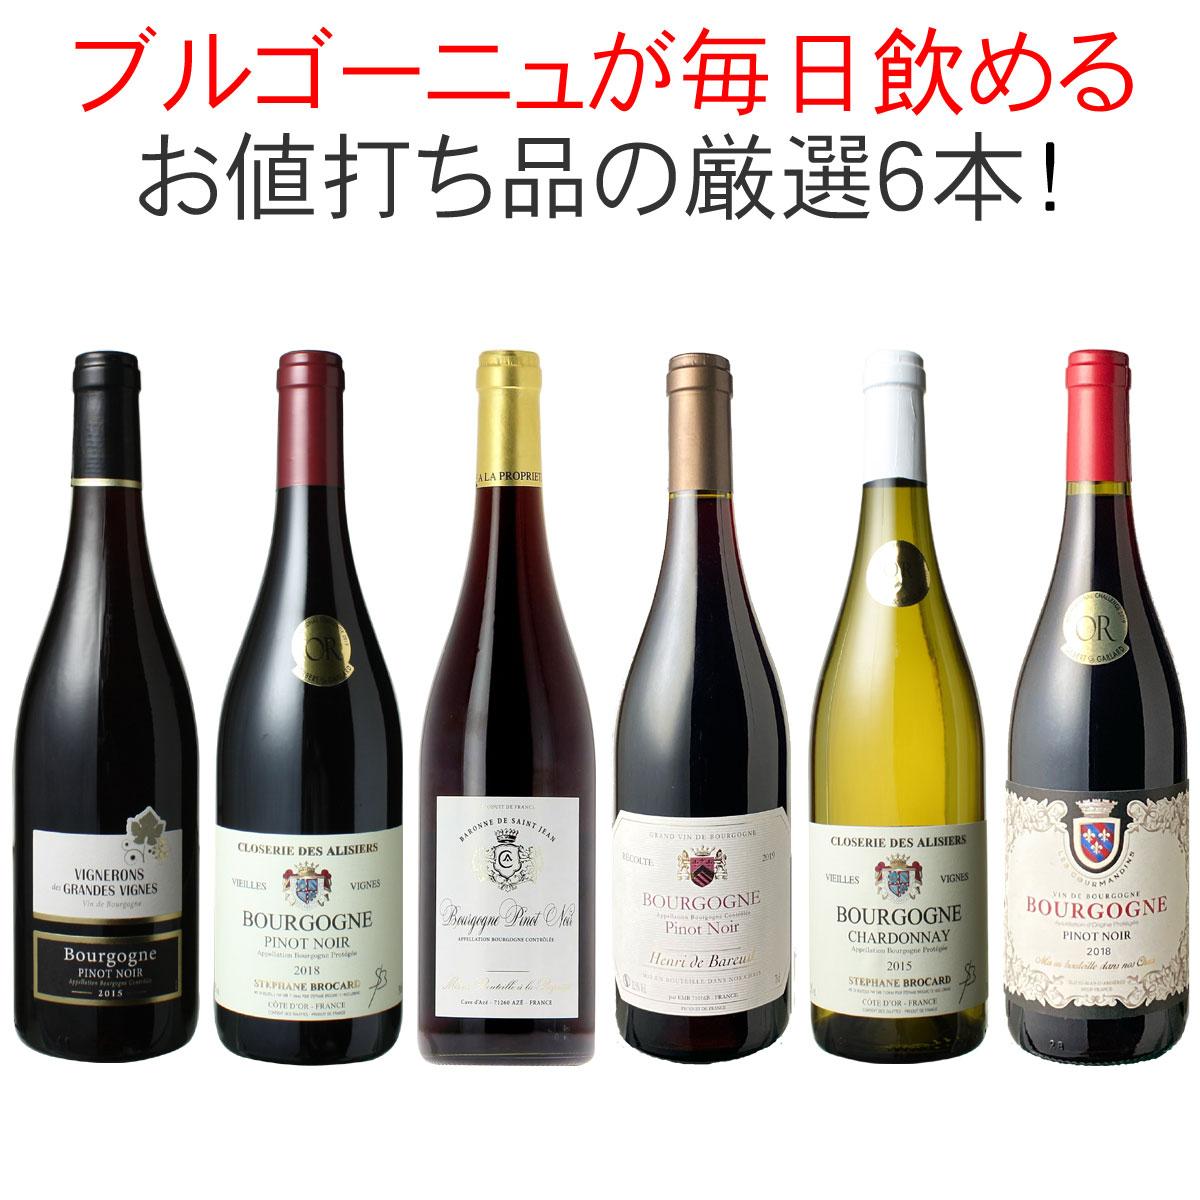 ワインセット ブルゴーニュ 6本 セッ ト ピノ・ノワール 赤ワイン 白ワイン お値打ちブルゴーニュ 家飲み 御祝 誕生日 ハロウィン ギフト パーティー